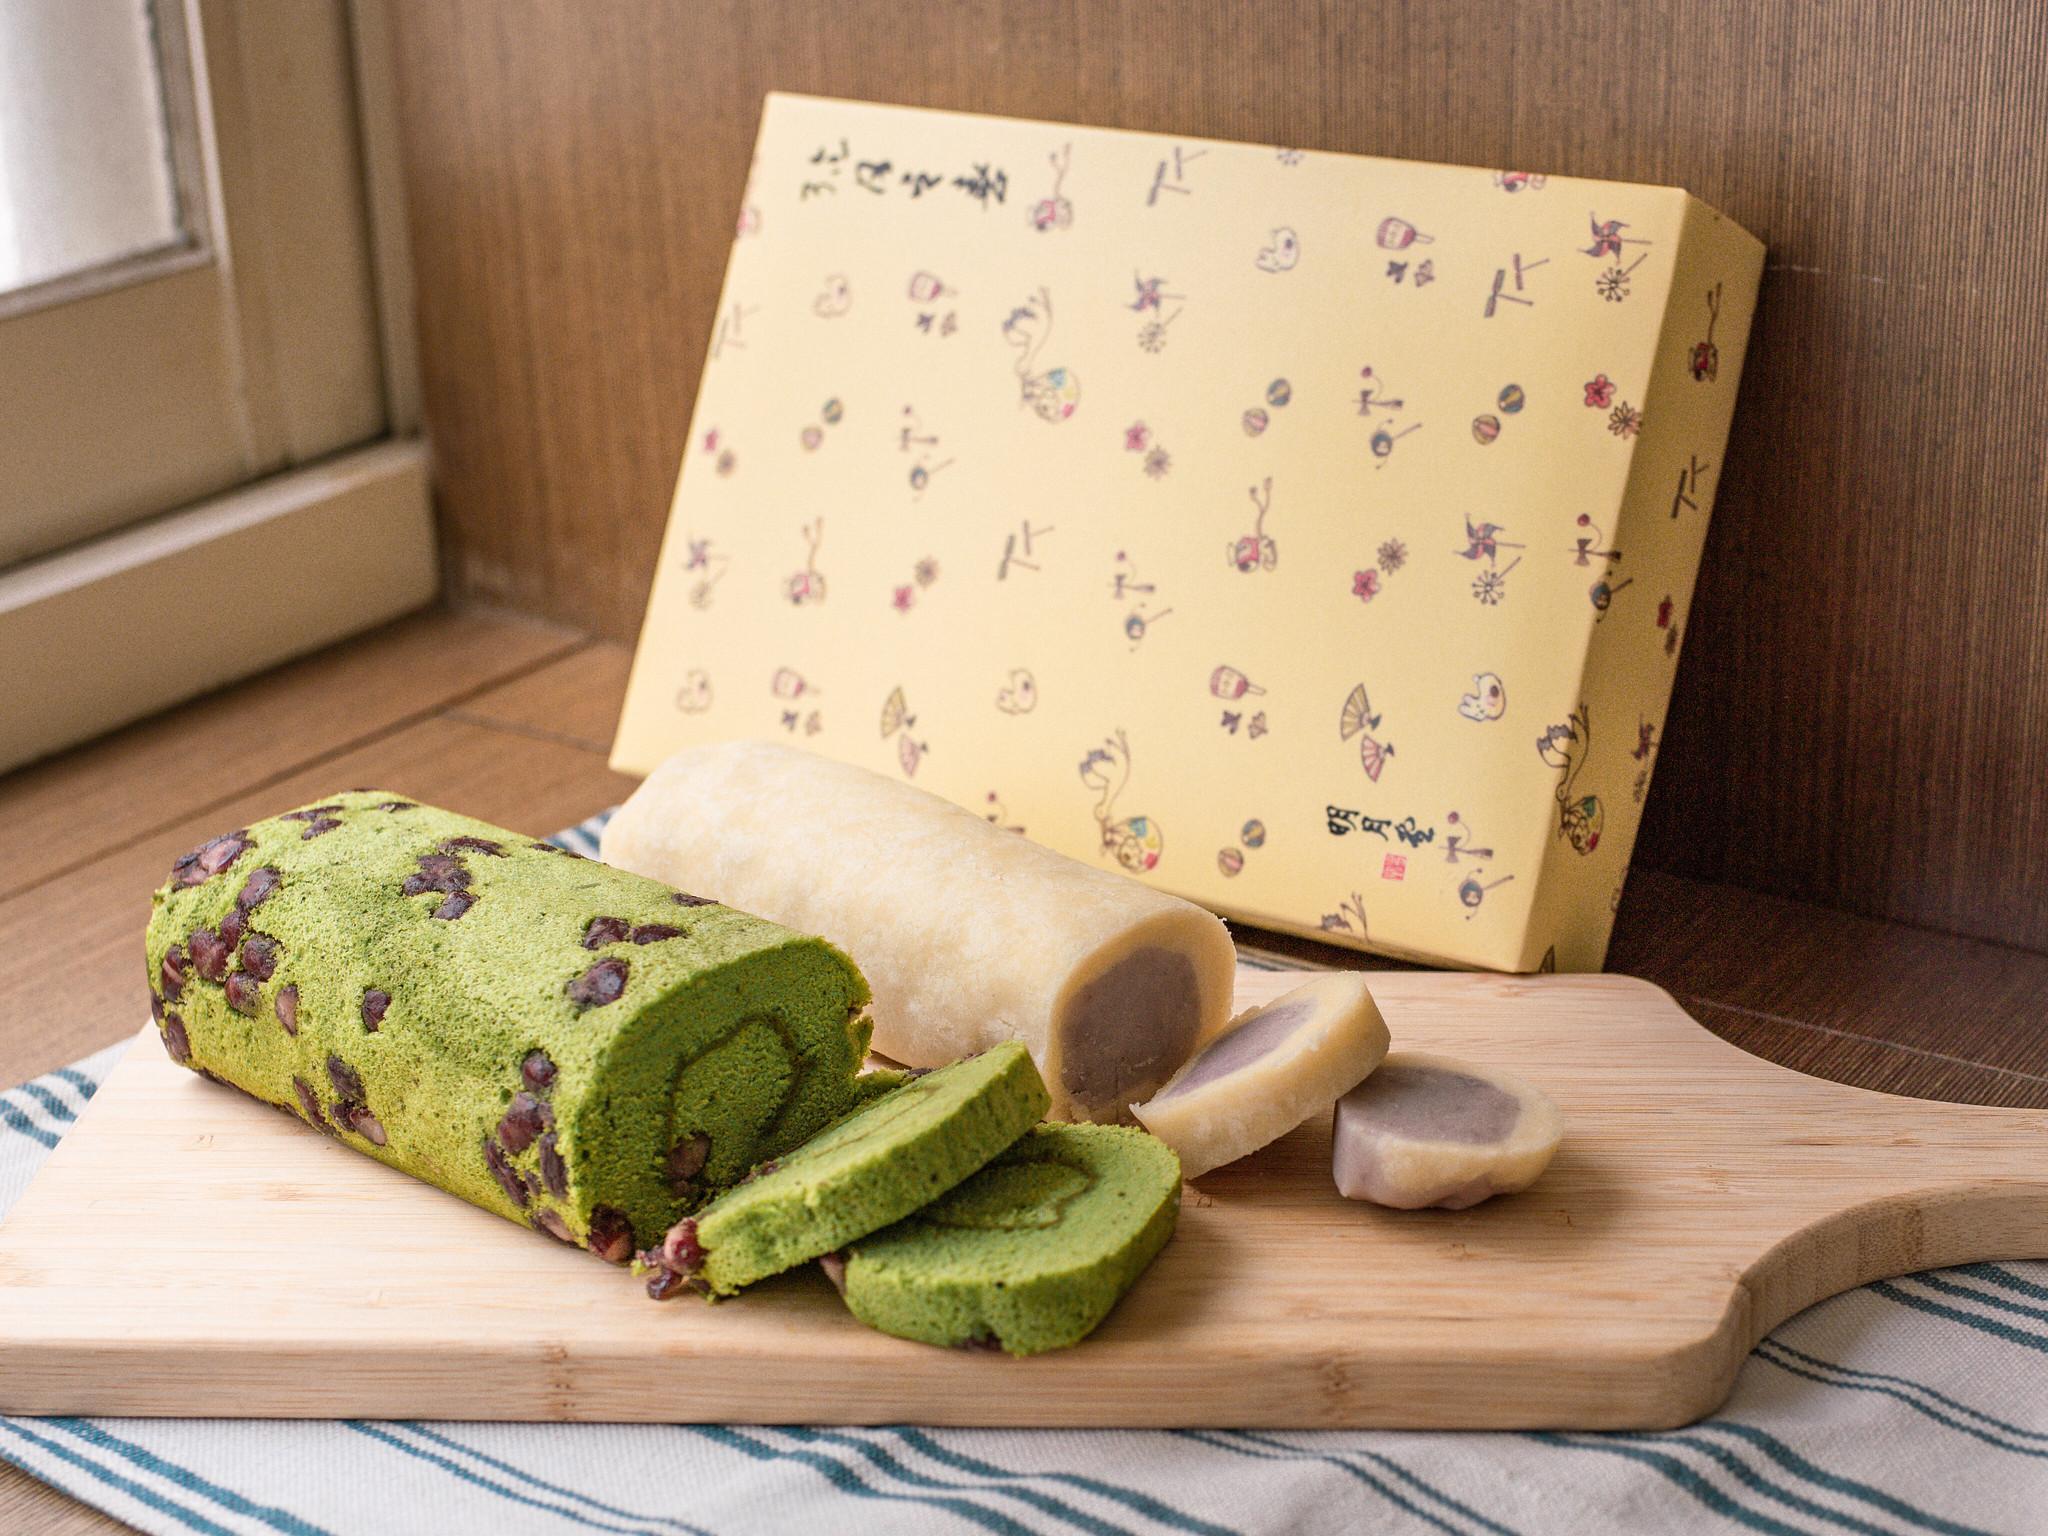 明月堂和菓子。抹茶蛋糕、芋頭捲彌月禮盒